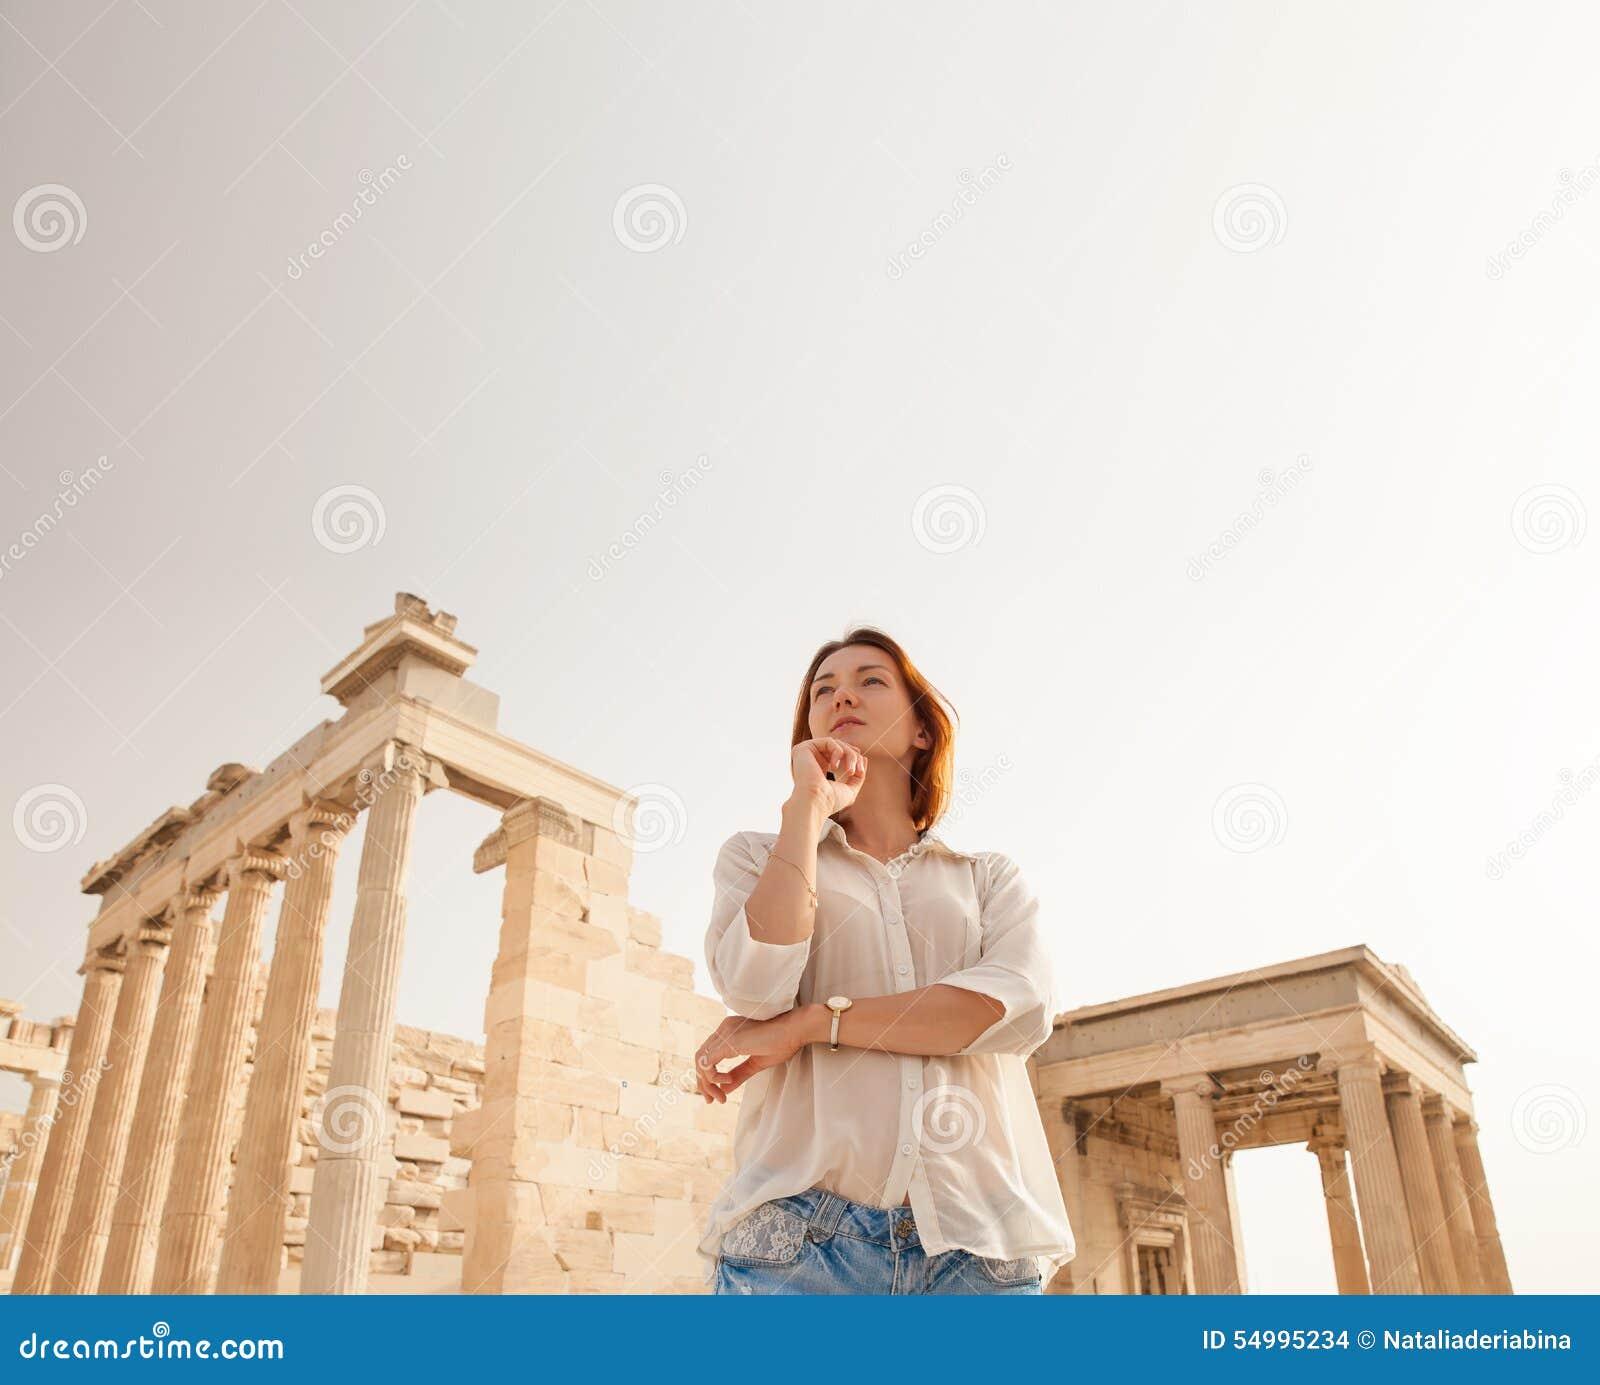 Turisten nära akropolen av Aten, Grekland